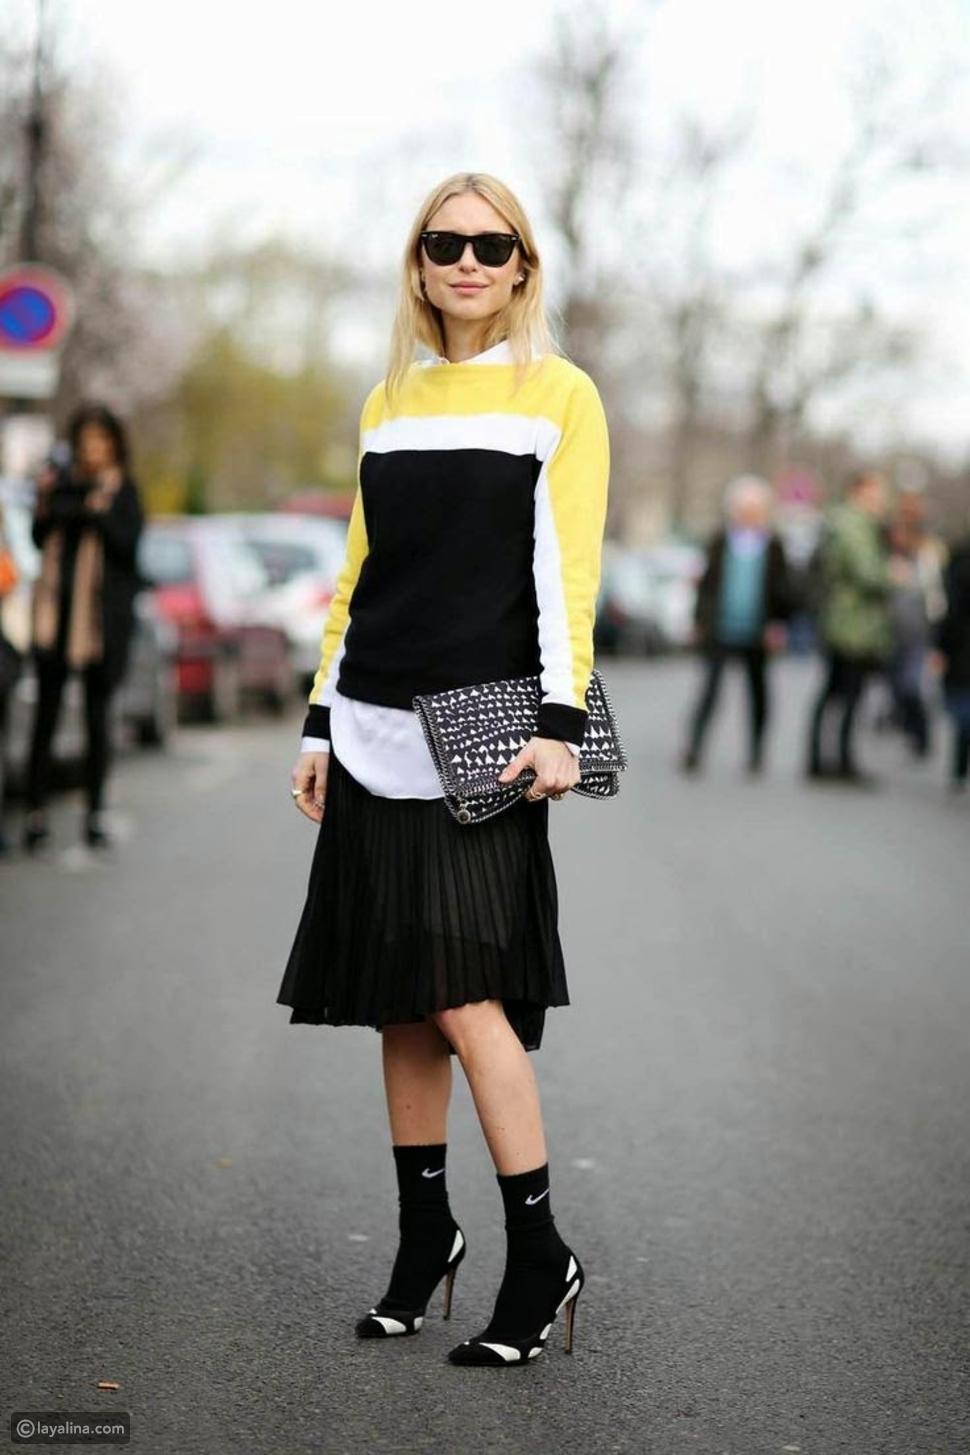 جوارب سوداء لمظهر متناسق